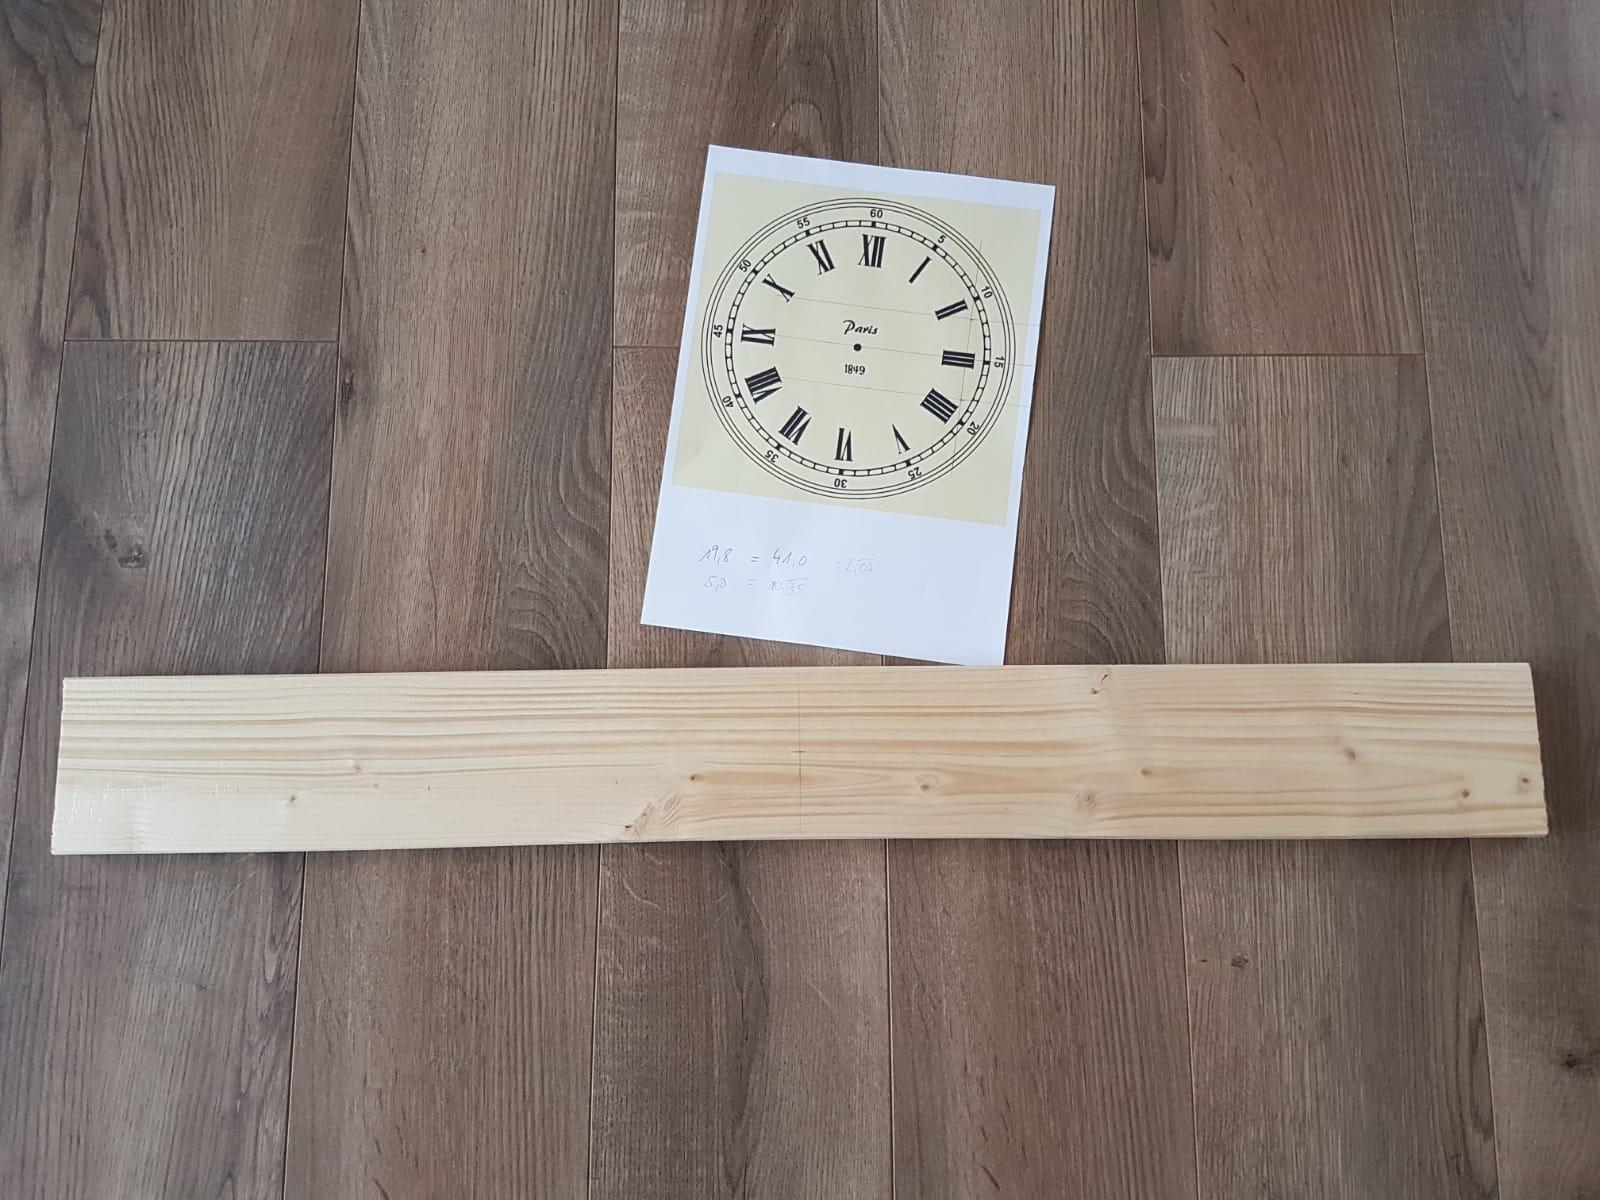 Das Design der Wanduhr und das Holzbrett. So baust du dir eine coole Wanduhr als Blickfang für das Wohnzimmer selber.